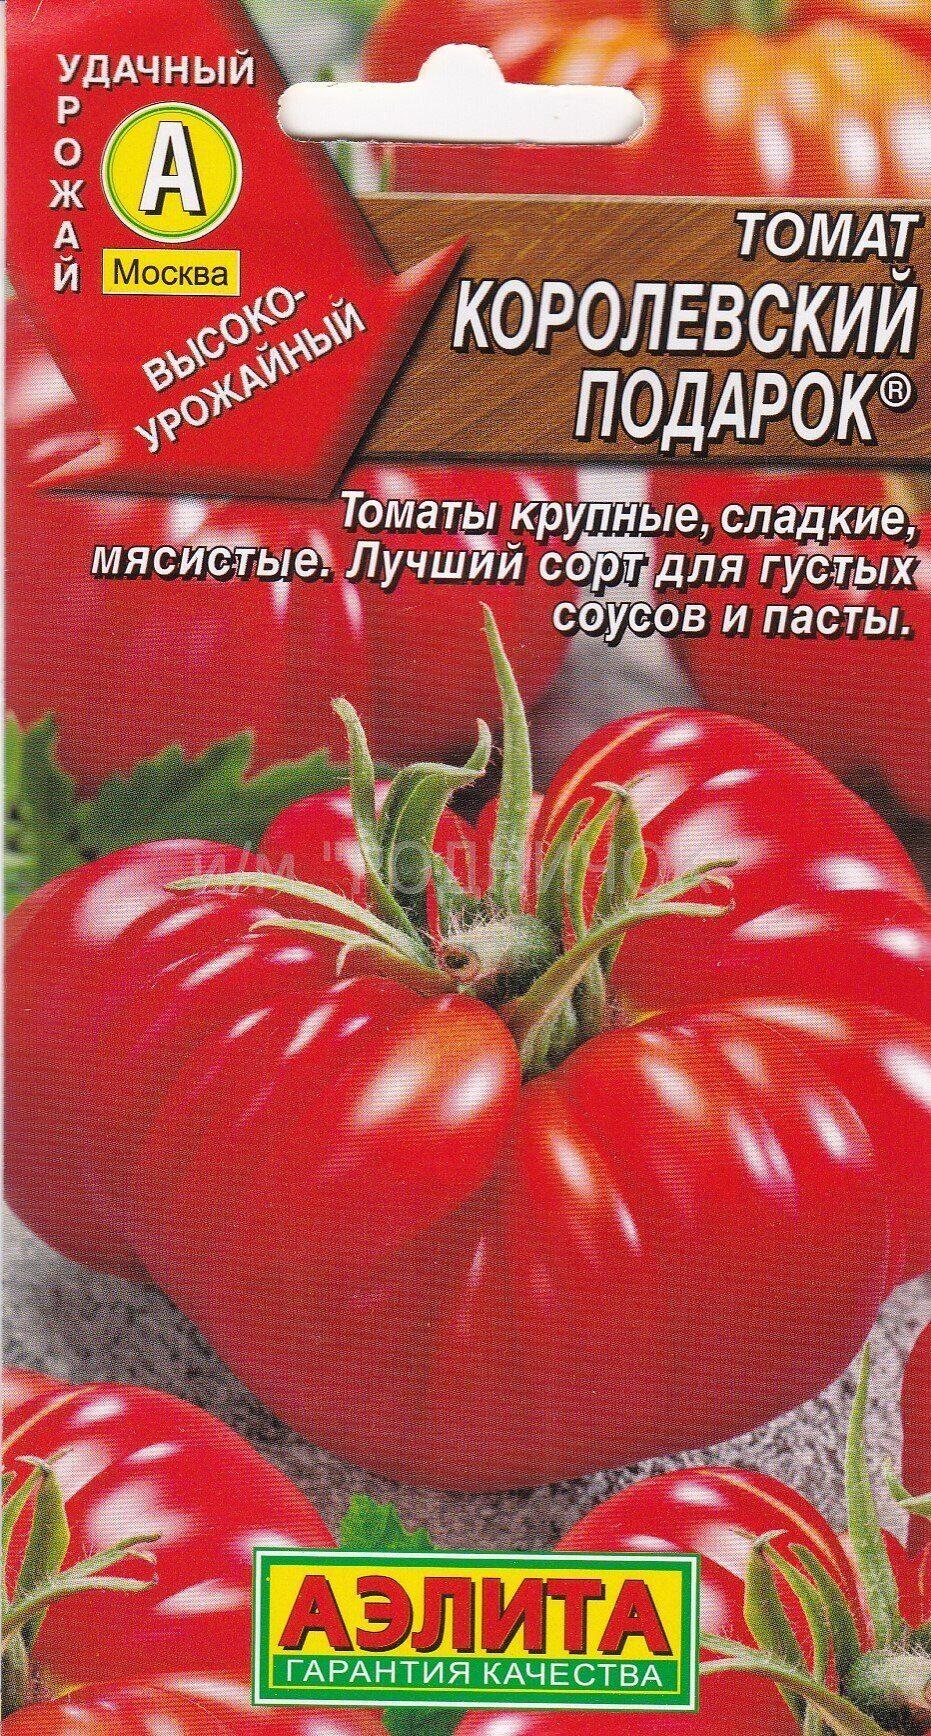 так сериале томат царский подарок отзывы и фото или